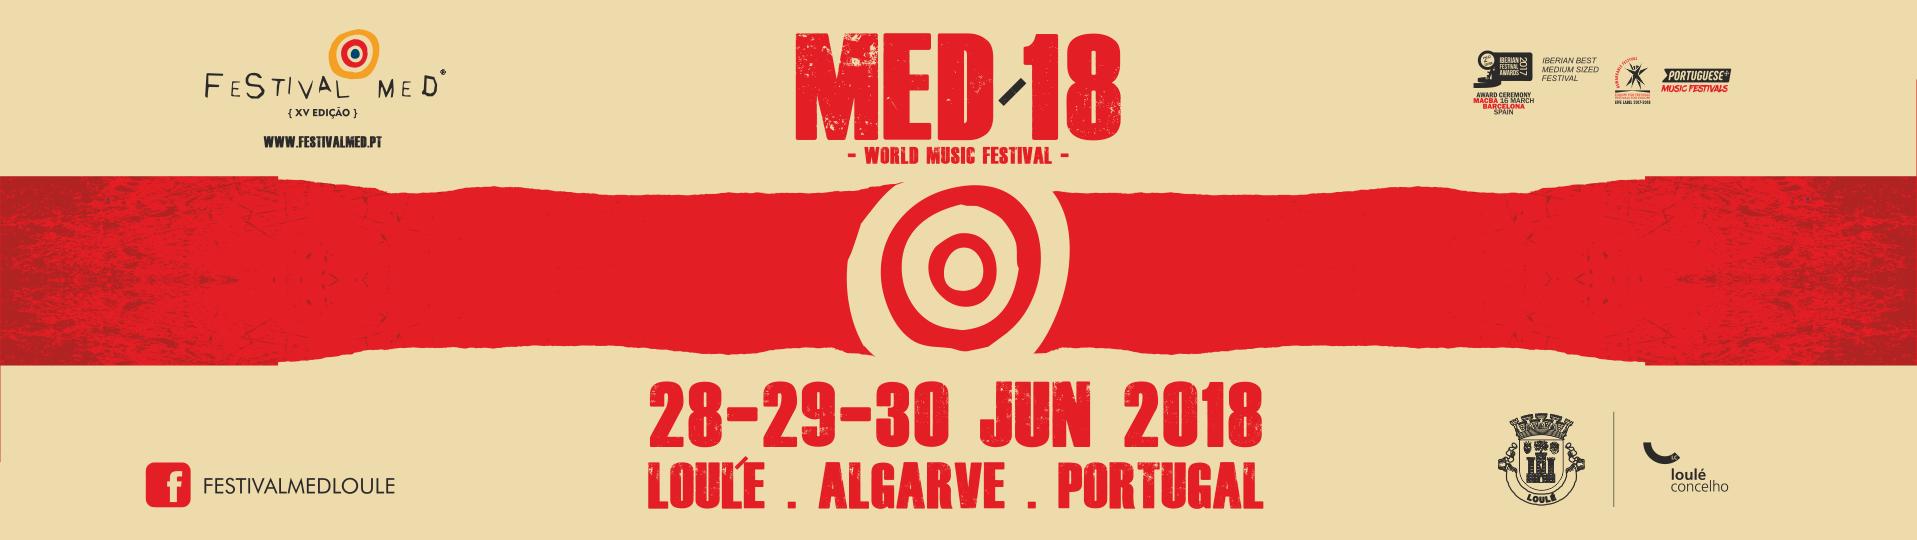 FESTIVAL MED 2018